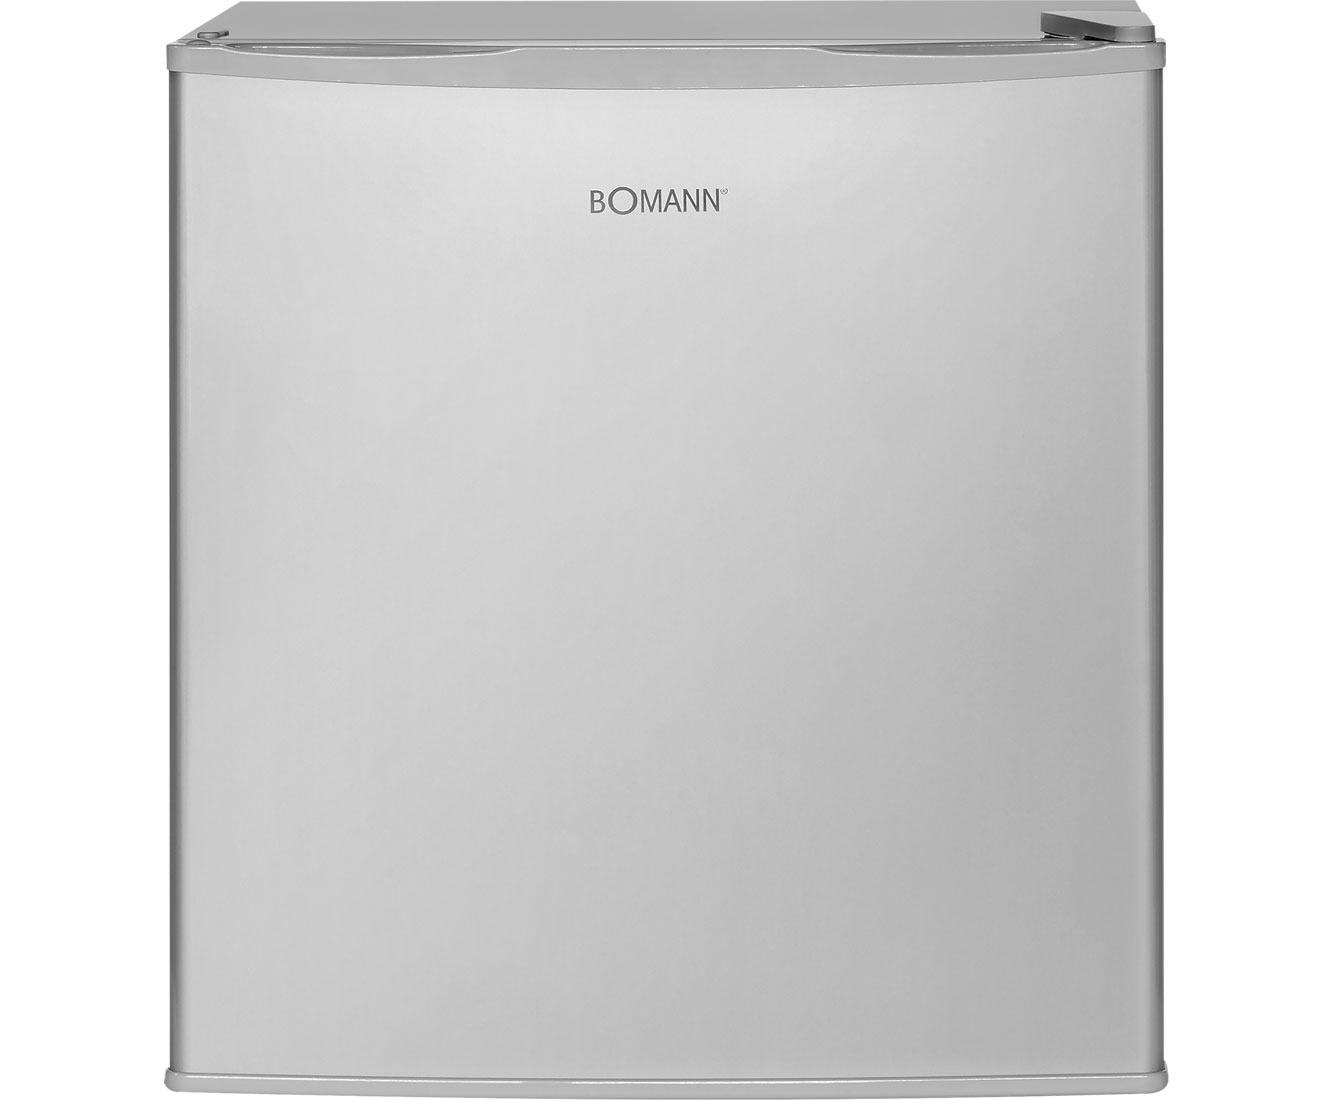 Bomann Kühlschrank Nach Transport : Bomann kb 340 kühlschrank freistehend 45cm edelstahl optik neu ebay